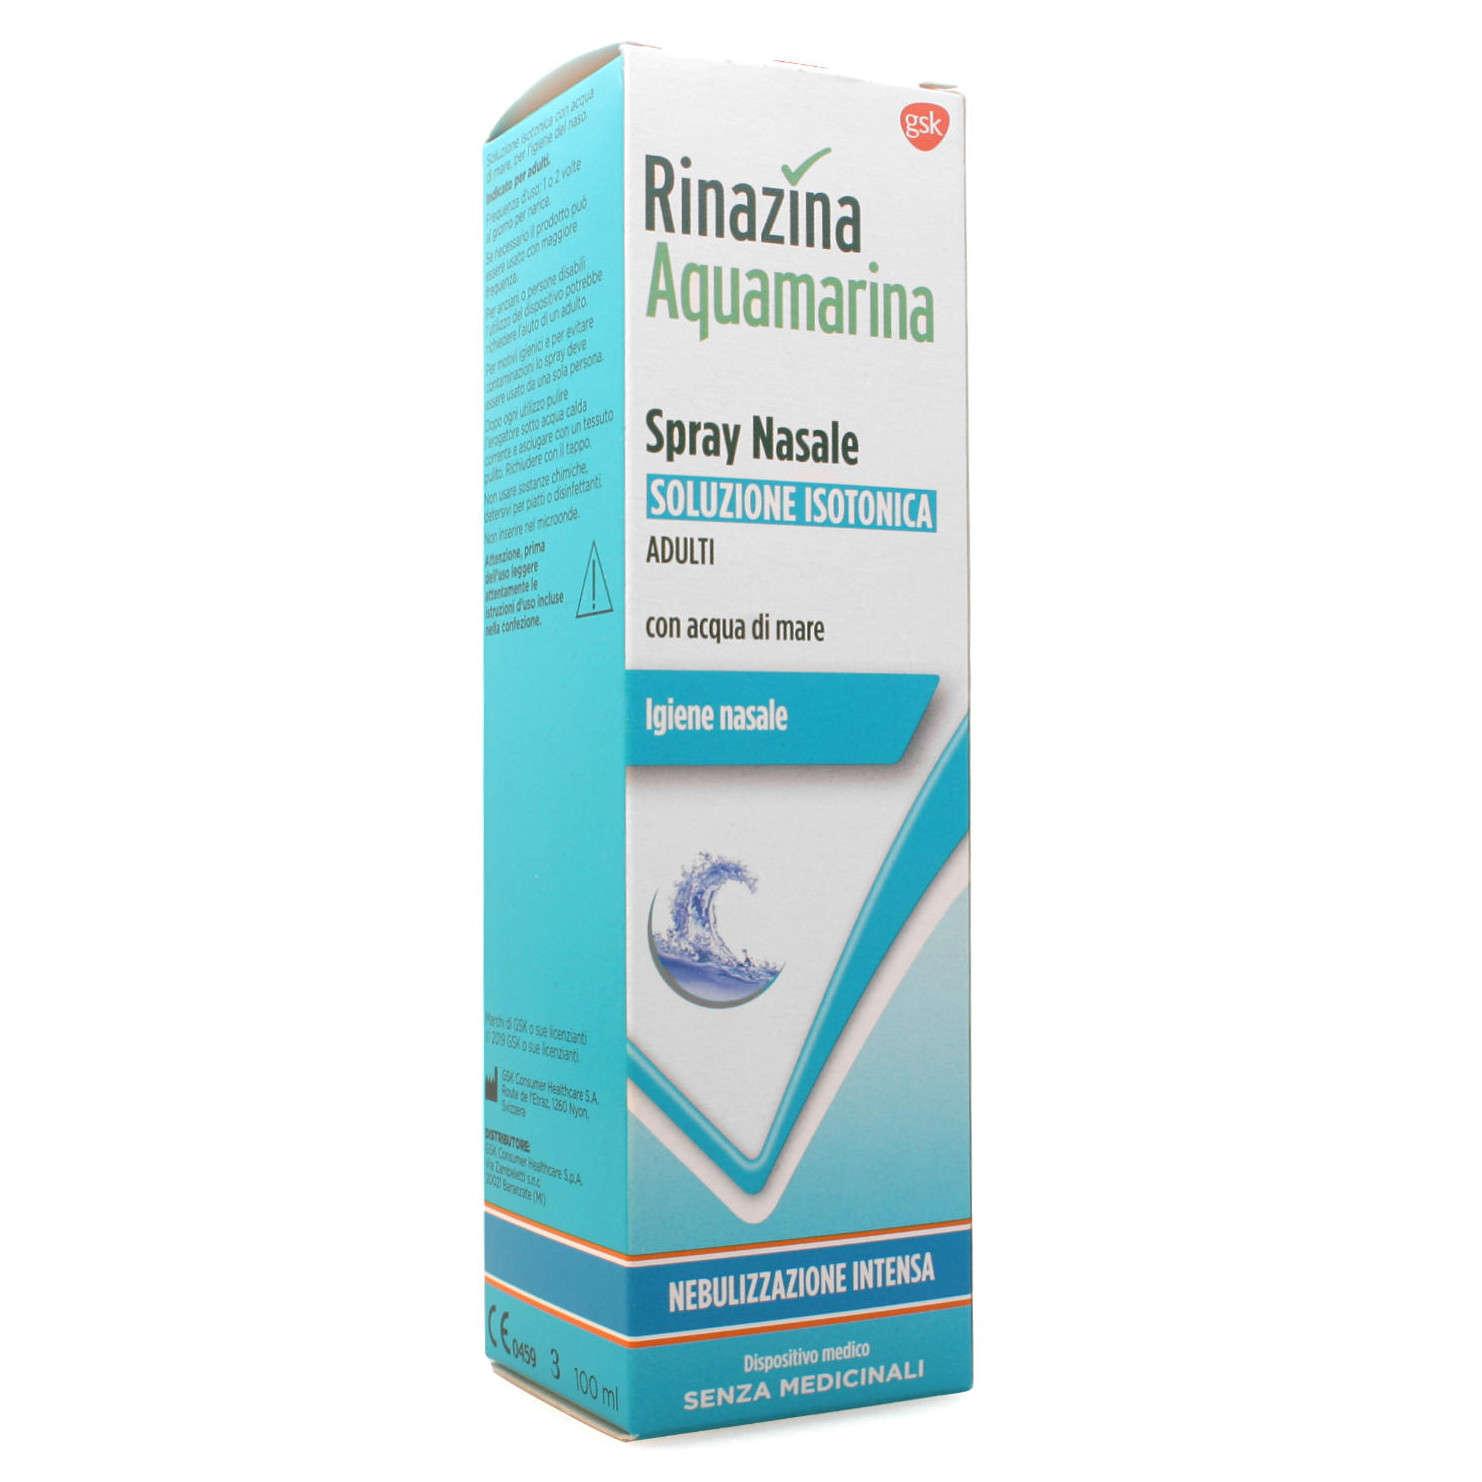 Rinazina Aquamarina - Soluzione Isotonica con Acqua di mare - Nebulizzazione intensa